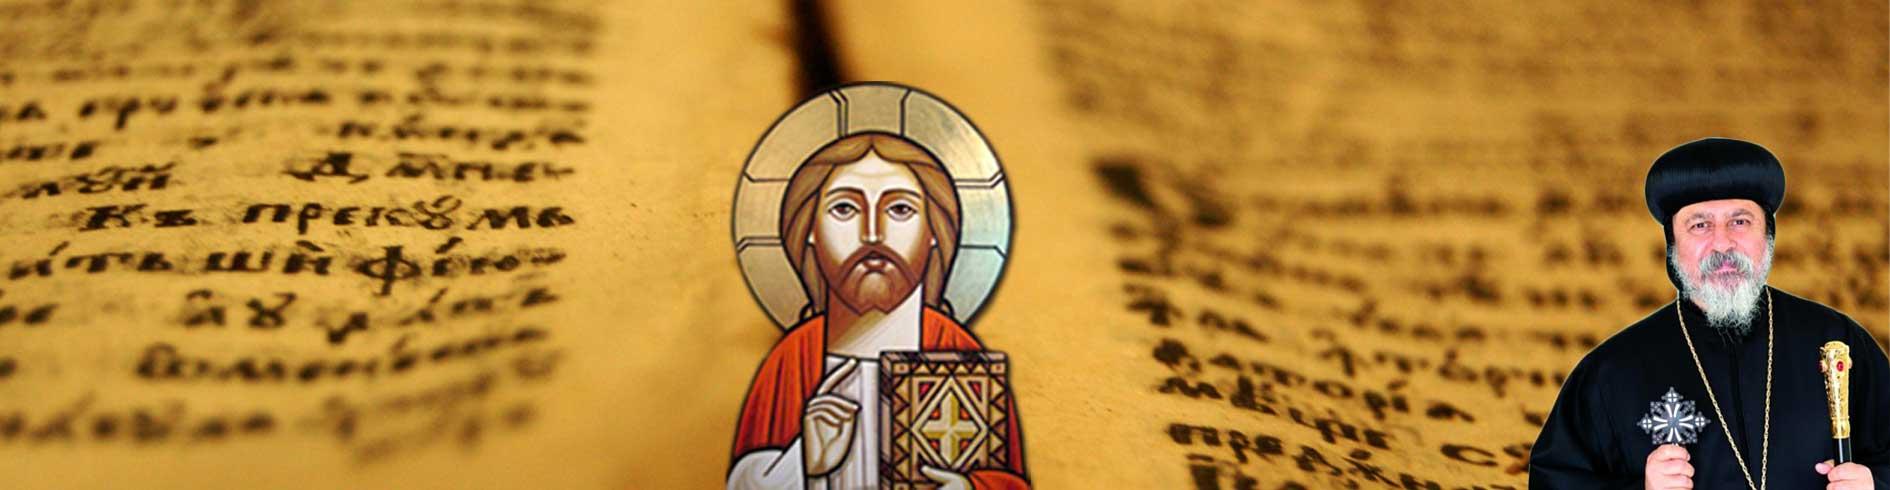 Bishop Daniel Sermons